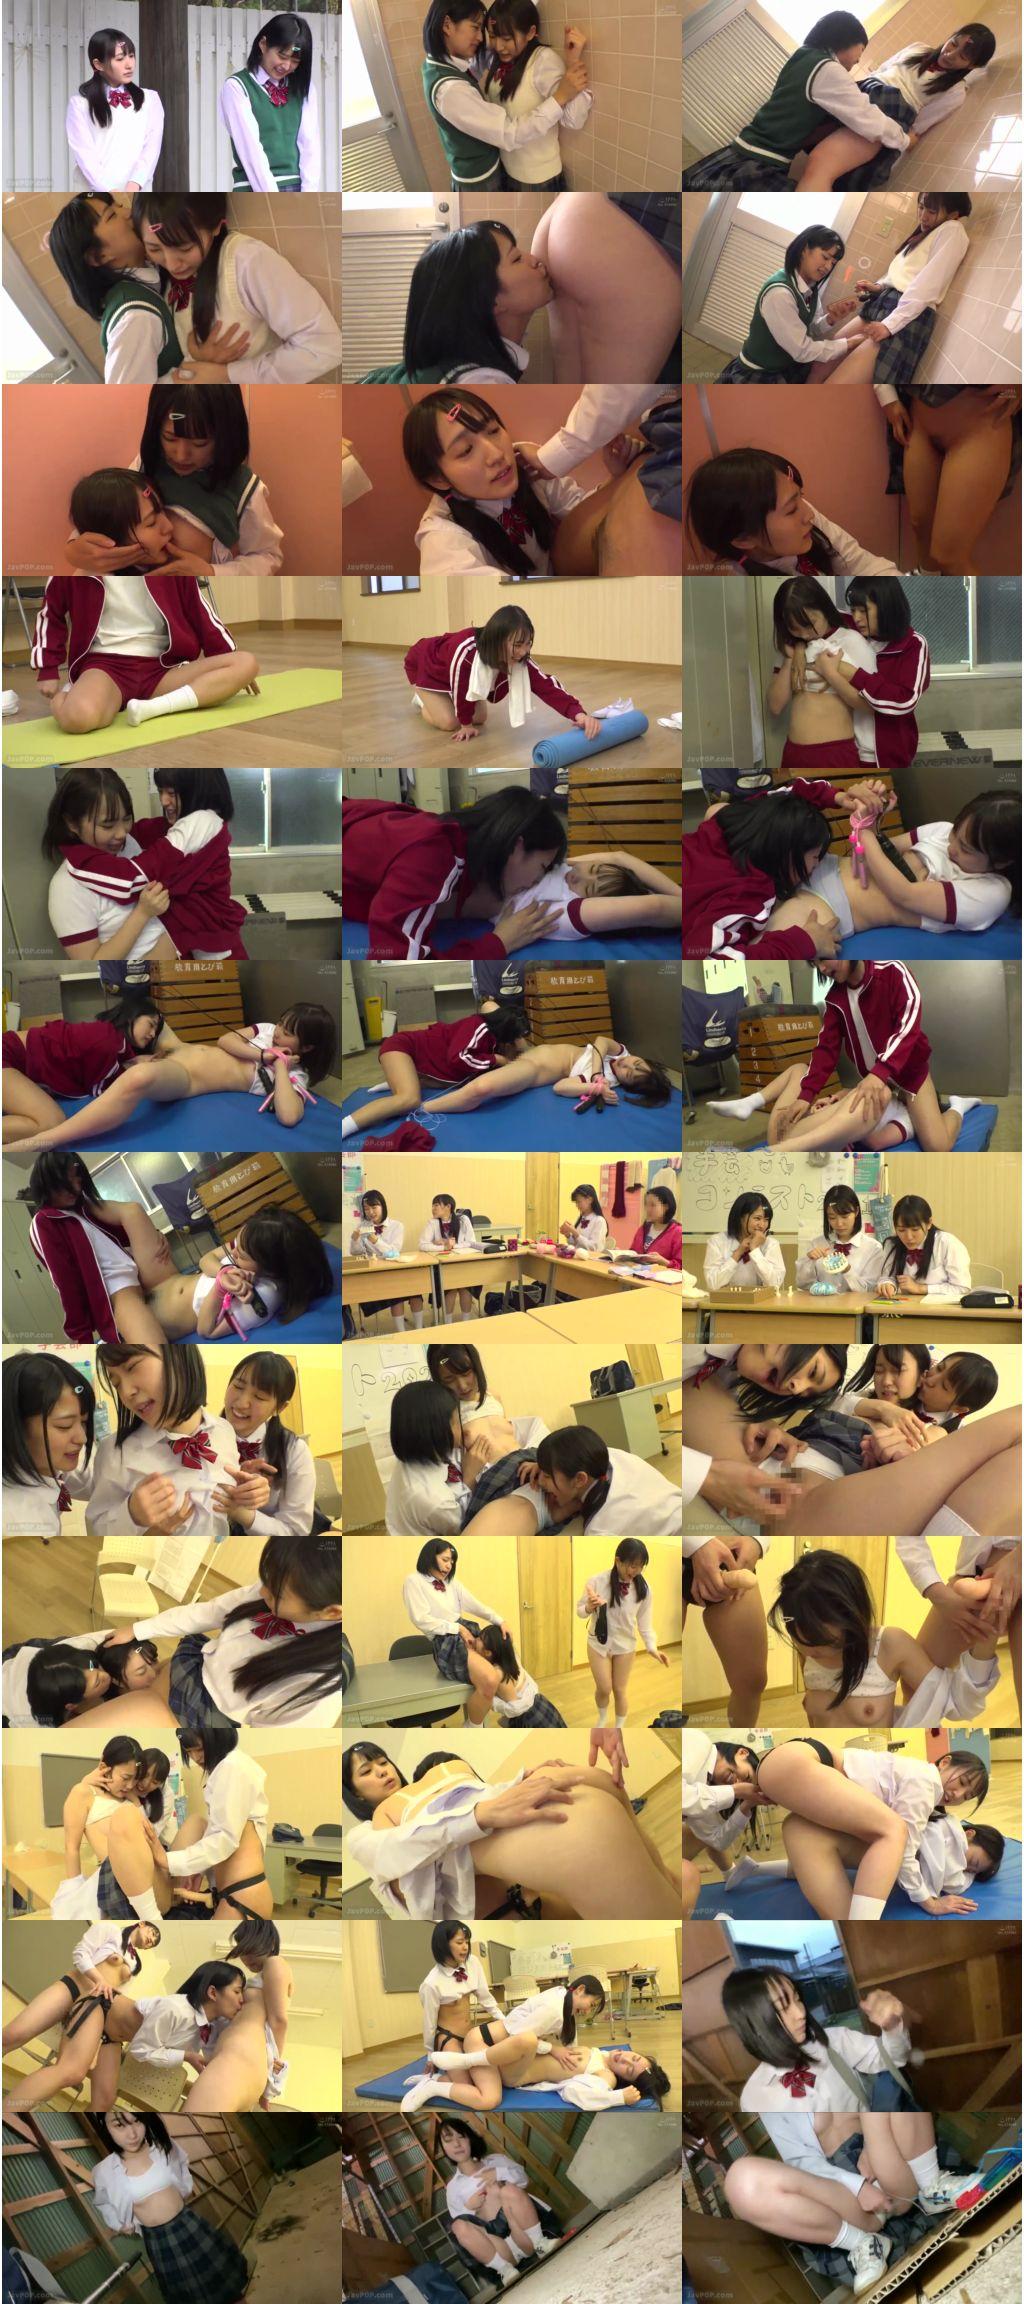 piyo 115 s - [PIYO-115] 「私、猛烈に舐めたいの!」性欲強いち○っ子レズレイパー Kibou Hikari ひよこ Piero Ta Ookami 希望光